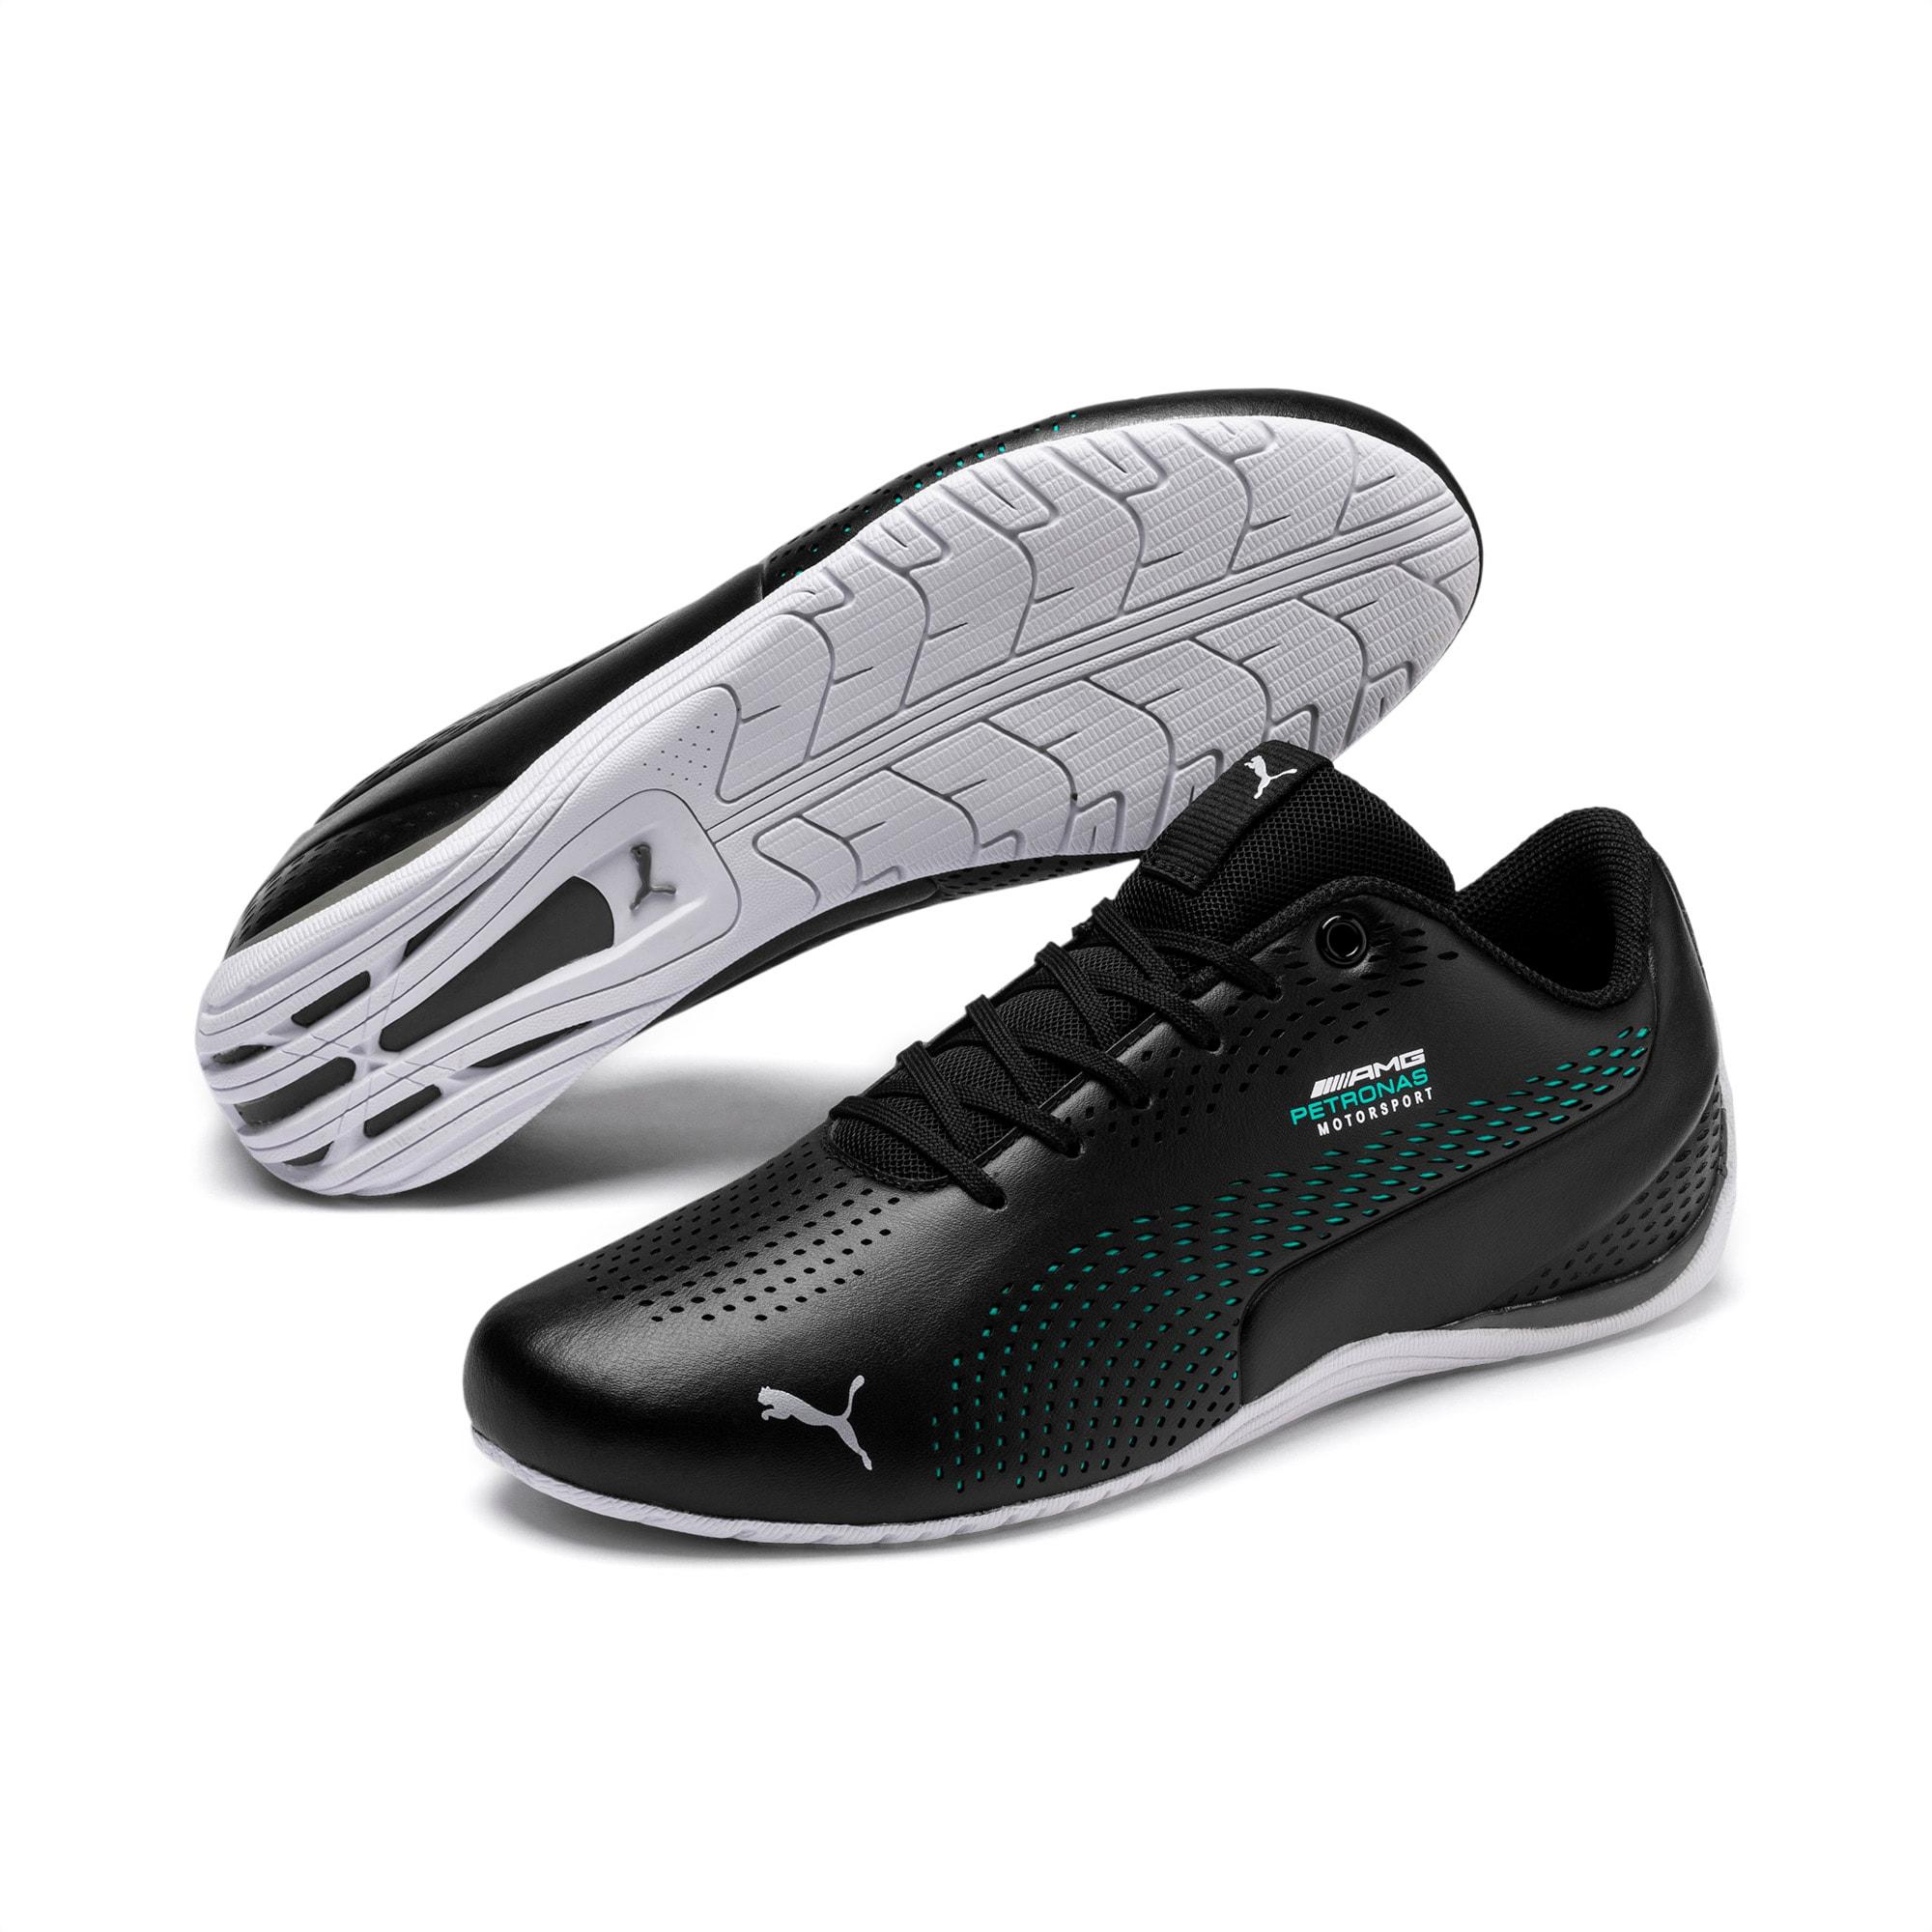 Hacer la cama cinturón Despertar  Mercedes AMG Petronas Drift Cat 5 Ultra II Shoes | PUMA Shoes | PUMA